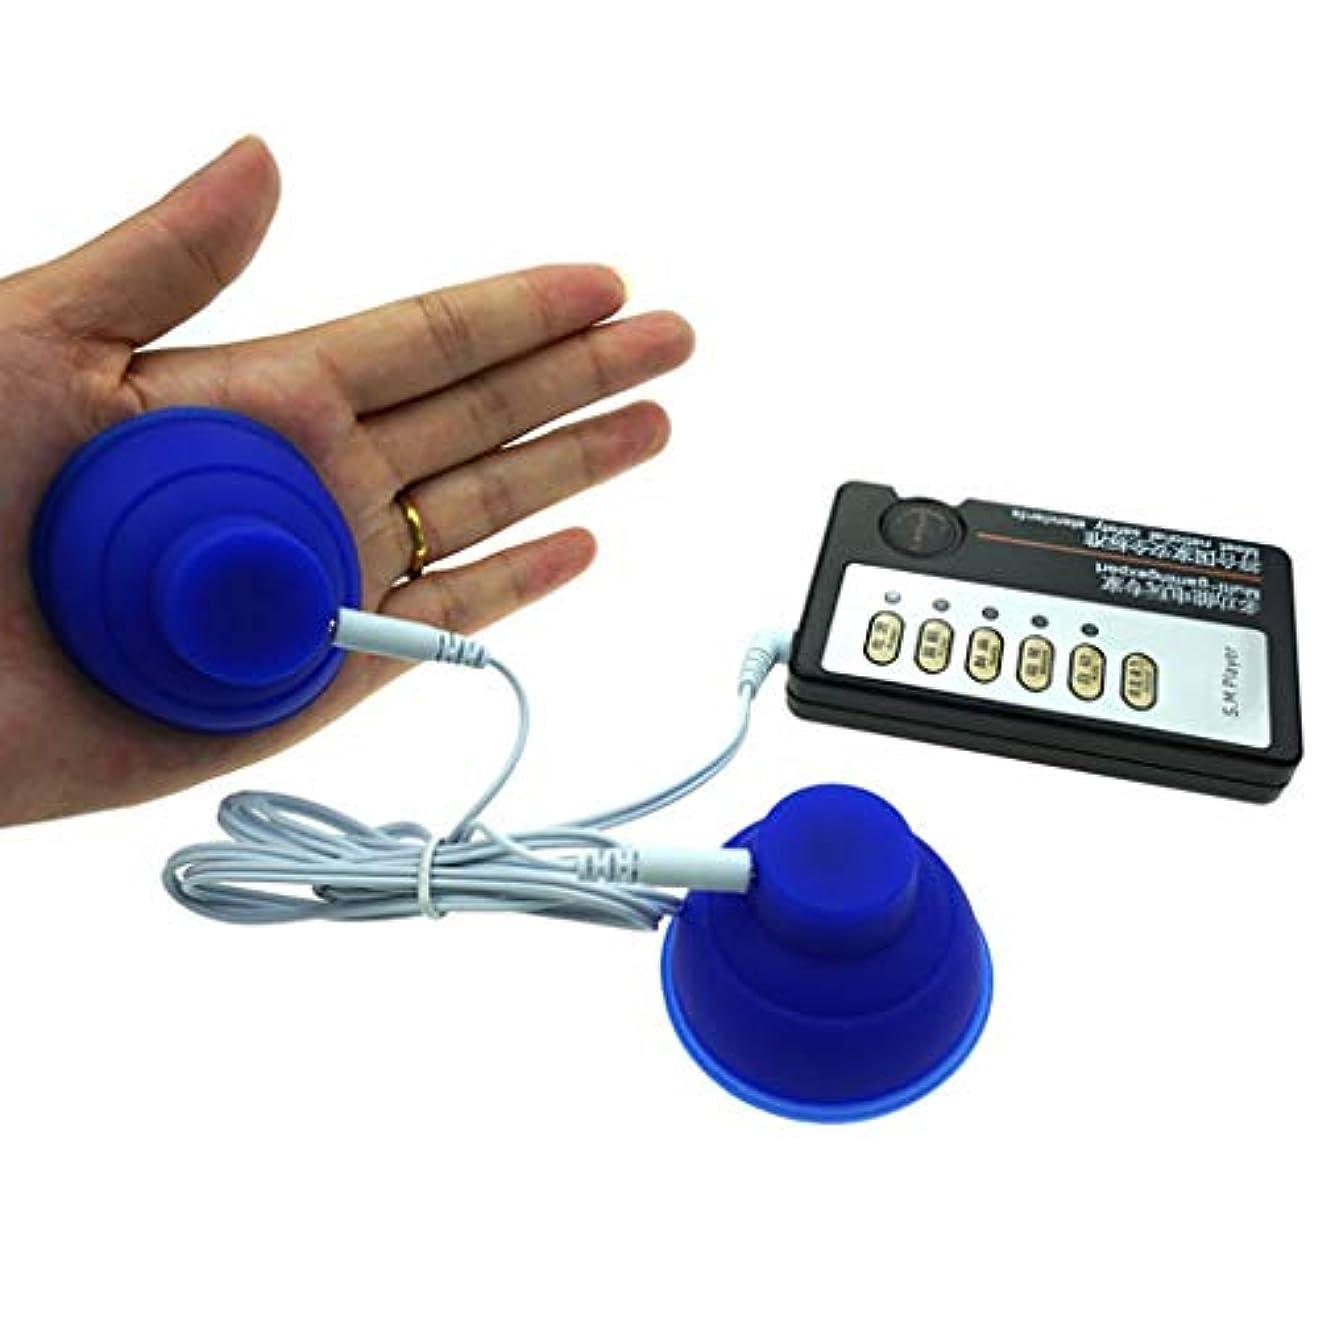 メタン恐れフットボール電気刺激 大人のおもちゃ電気刺激性のおもちゃ、電気肛門プラグ、オルガスムオナニー - 電気ショックパルス療法 - マッサージ - 乳房ポンプ - カッピング